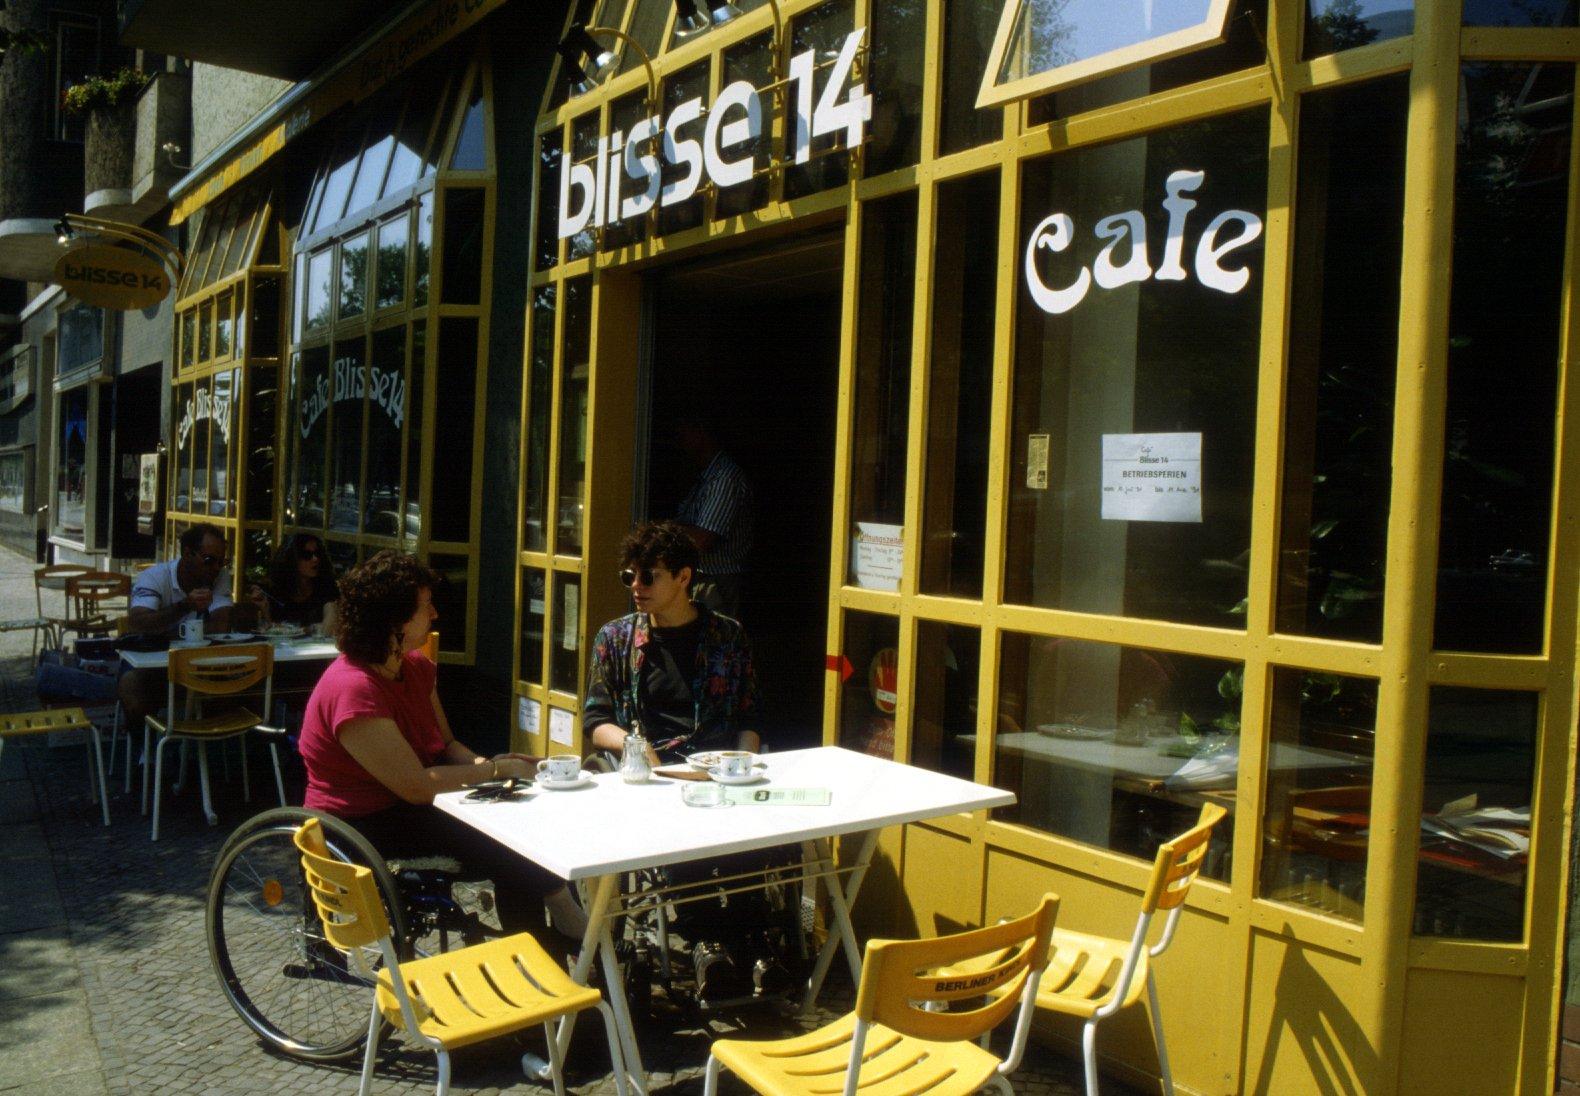 """Außenansicht der """"blisse 14"""". Zwei Menschen im Rollstuhl sitzen außen, die Fassade ist gelb. Die Aufschrift """"blisse 14"""" Cafe."""